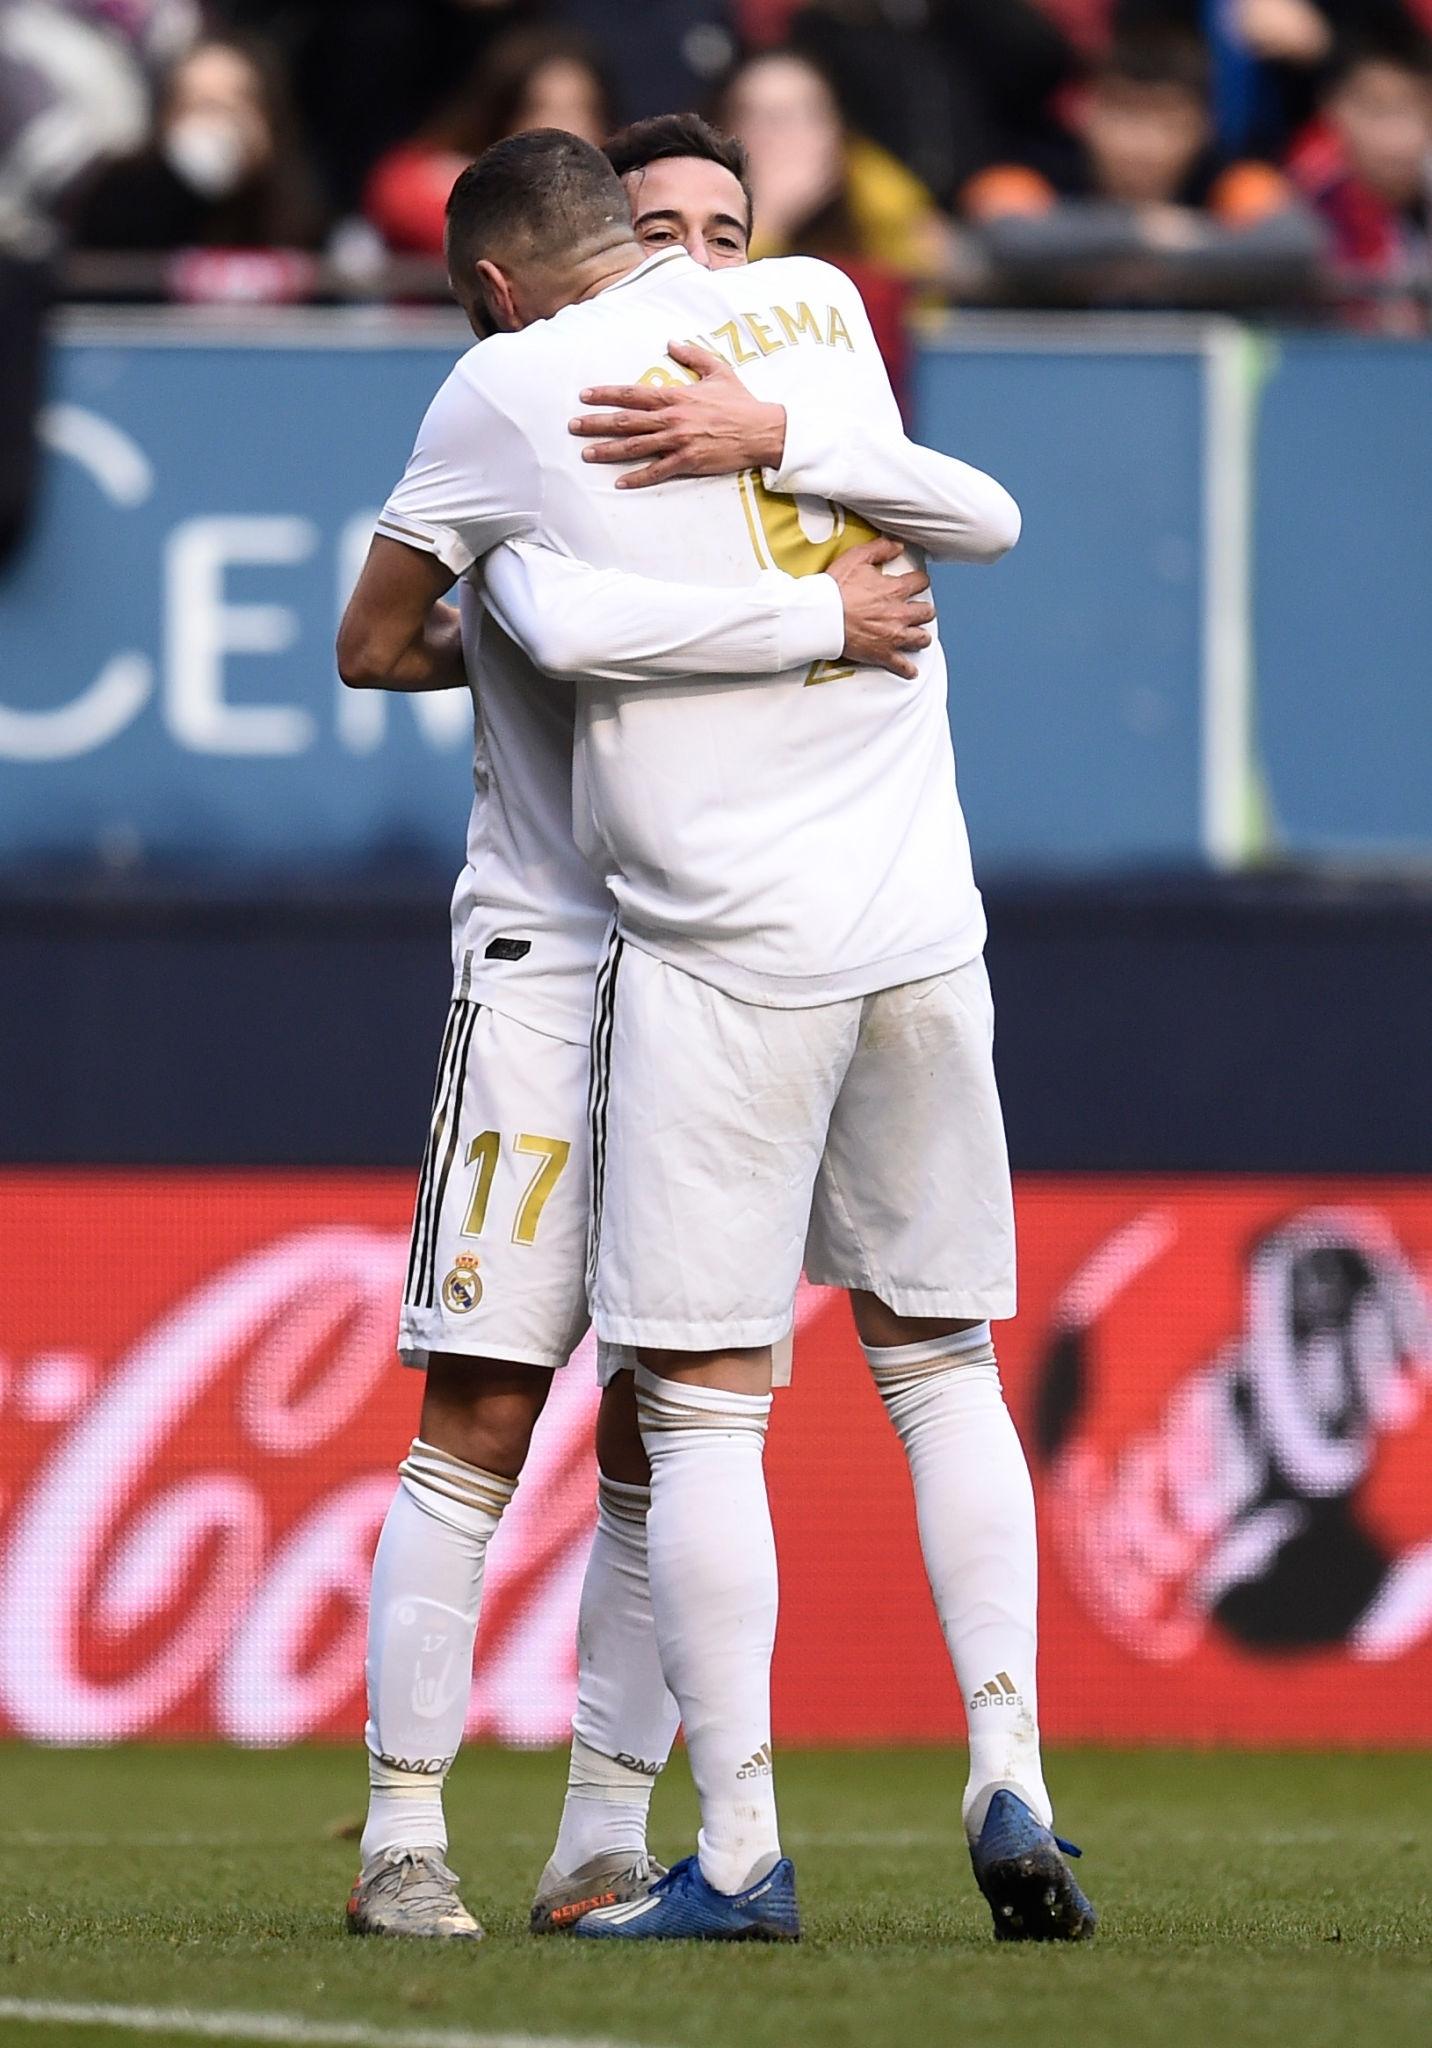 Бензема отдал 132 голевые передачи в футболке Реала и стал лучшим ассистентом в истории клуба - изображение 1